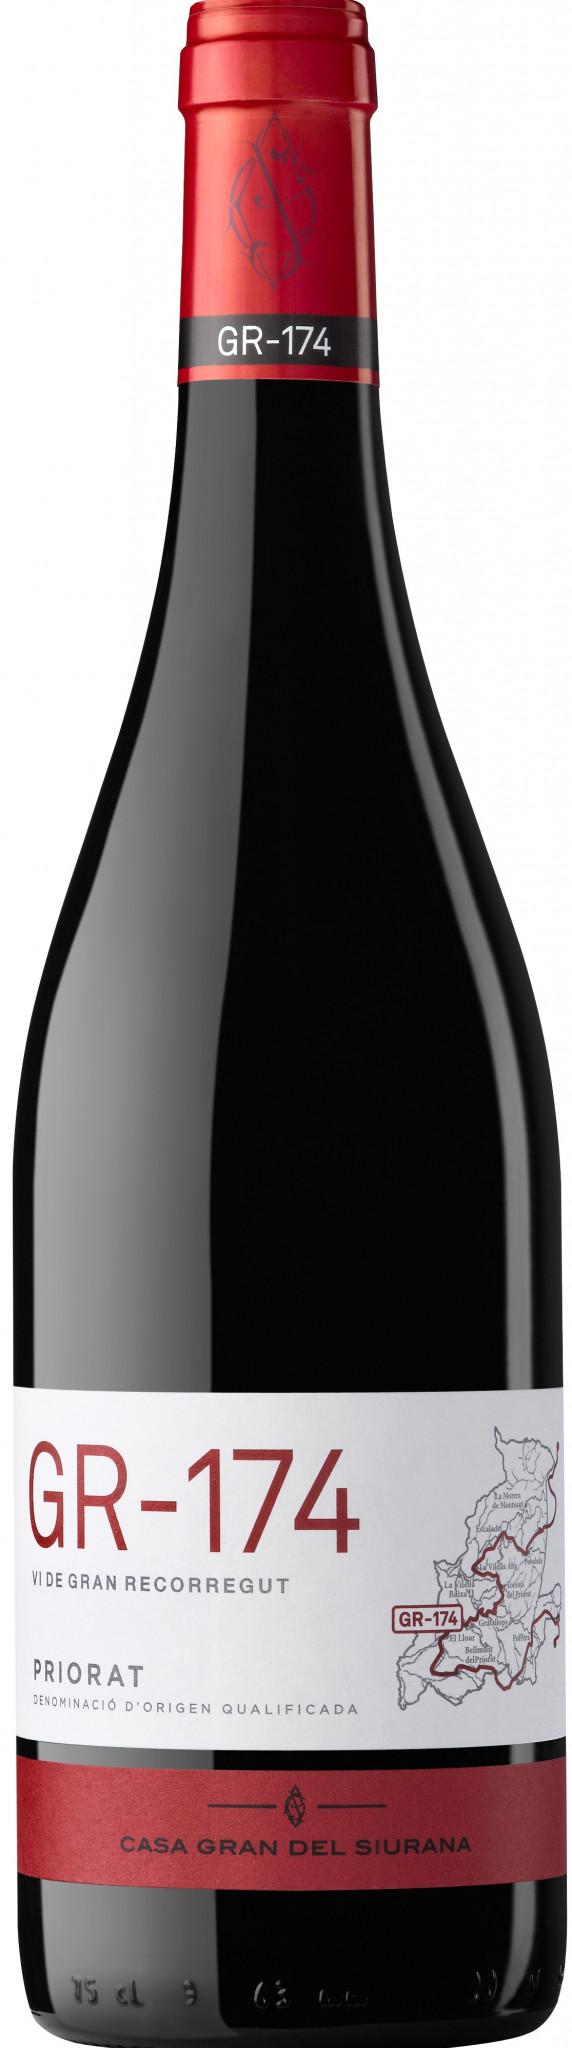 Casa Gran del Siurana GR-174 - wineaffair